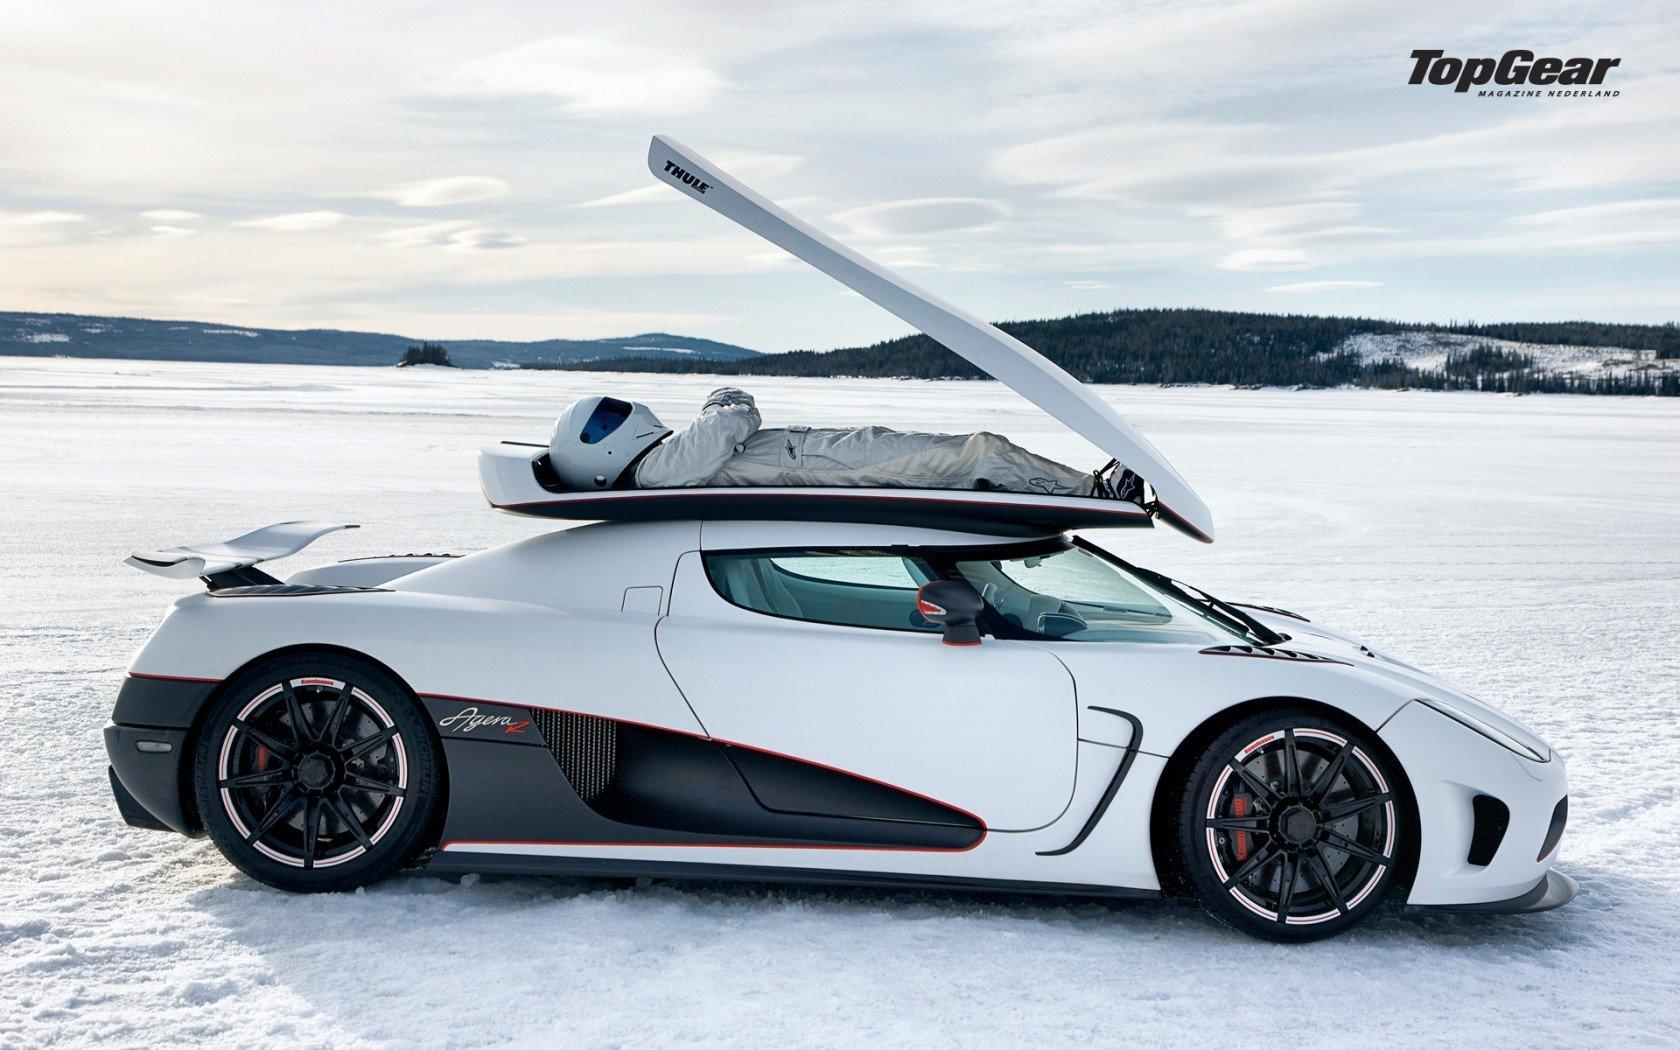 Winter white cars Top Gear The Stig Koenigsegg Agera R ...